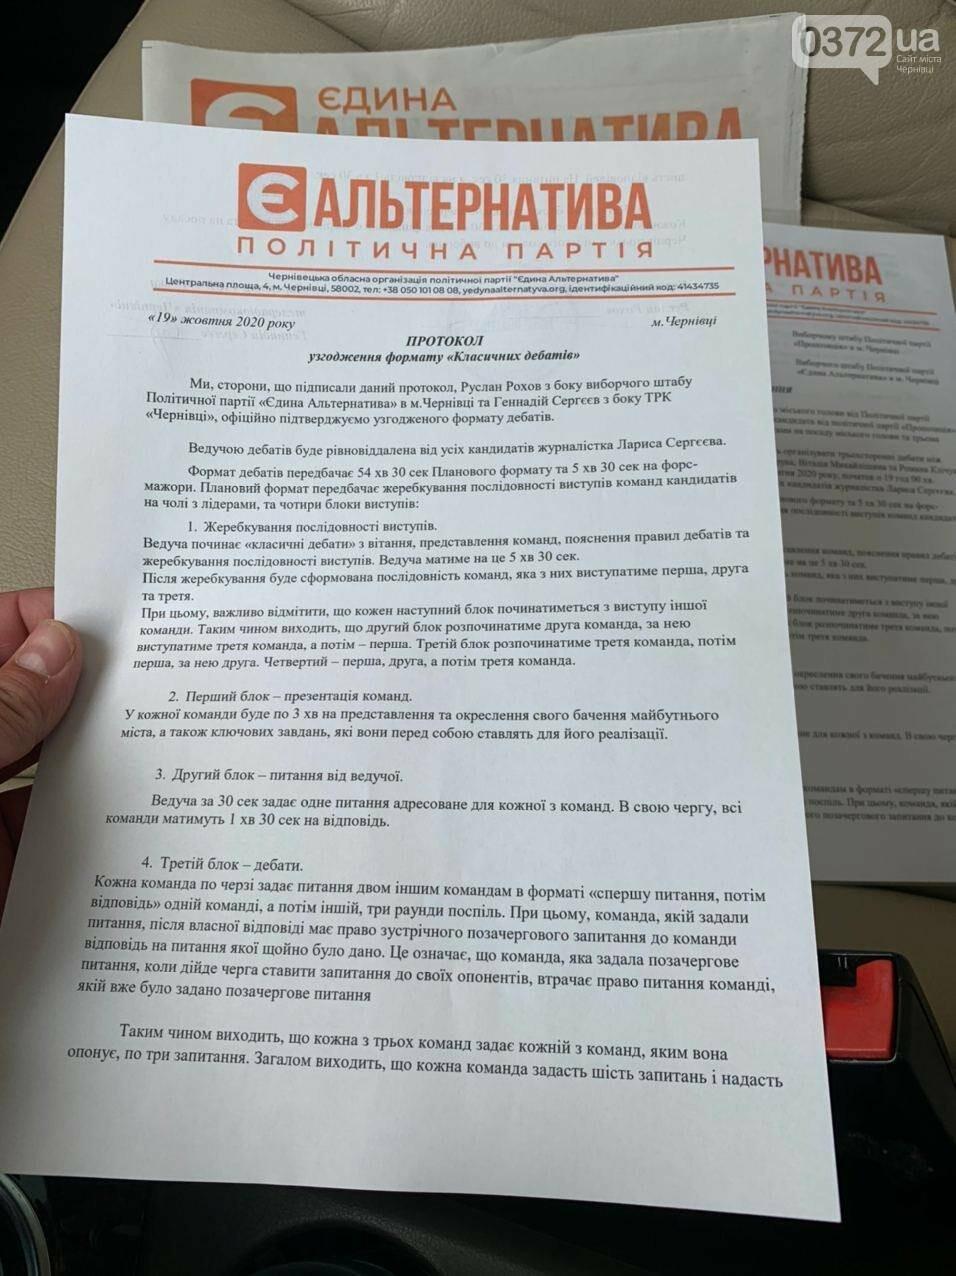 """Протокол погодження формату дебатів, фото: Фейсбук-сторінка """"ЄА"""""""